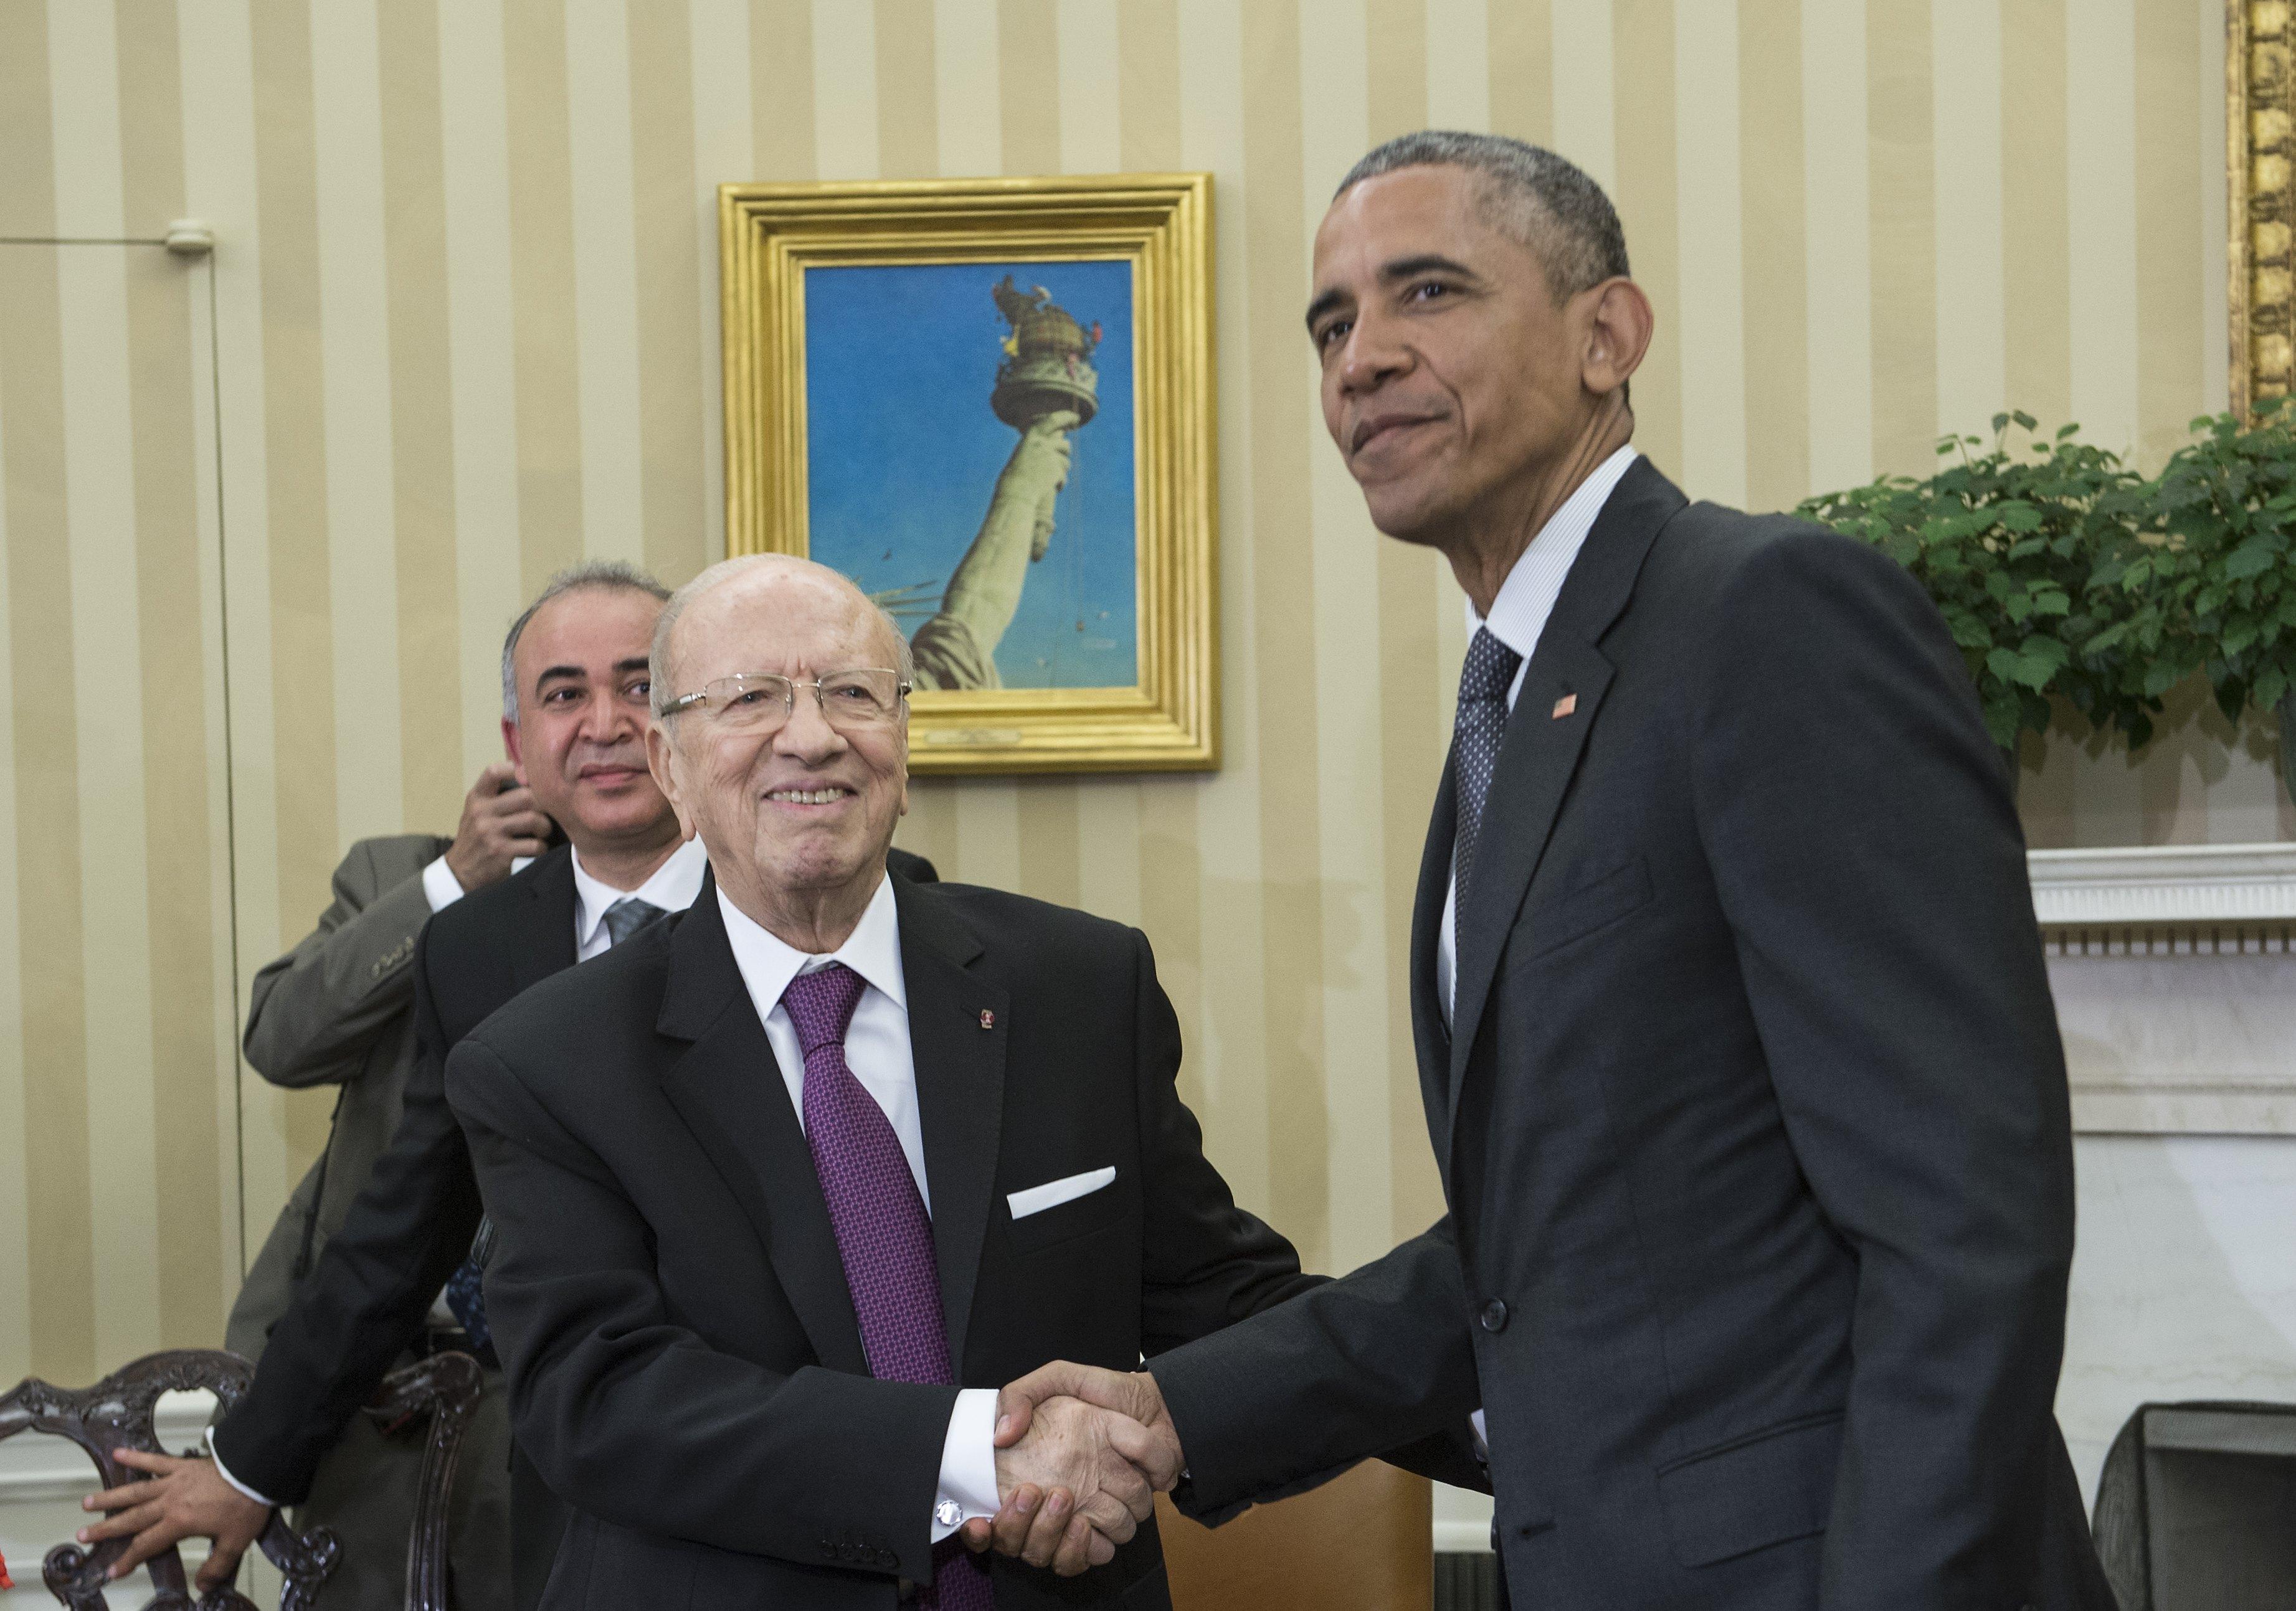 الرئيس باراك أوباما في لقائه مع الرئيس التونسي الباجي قائد السبسي